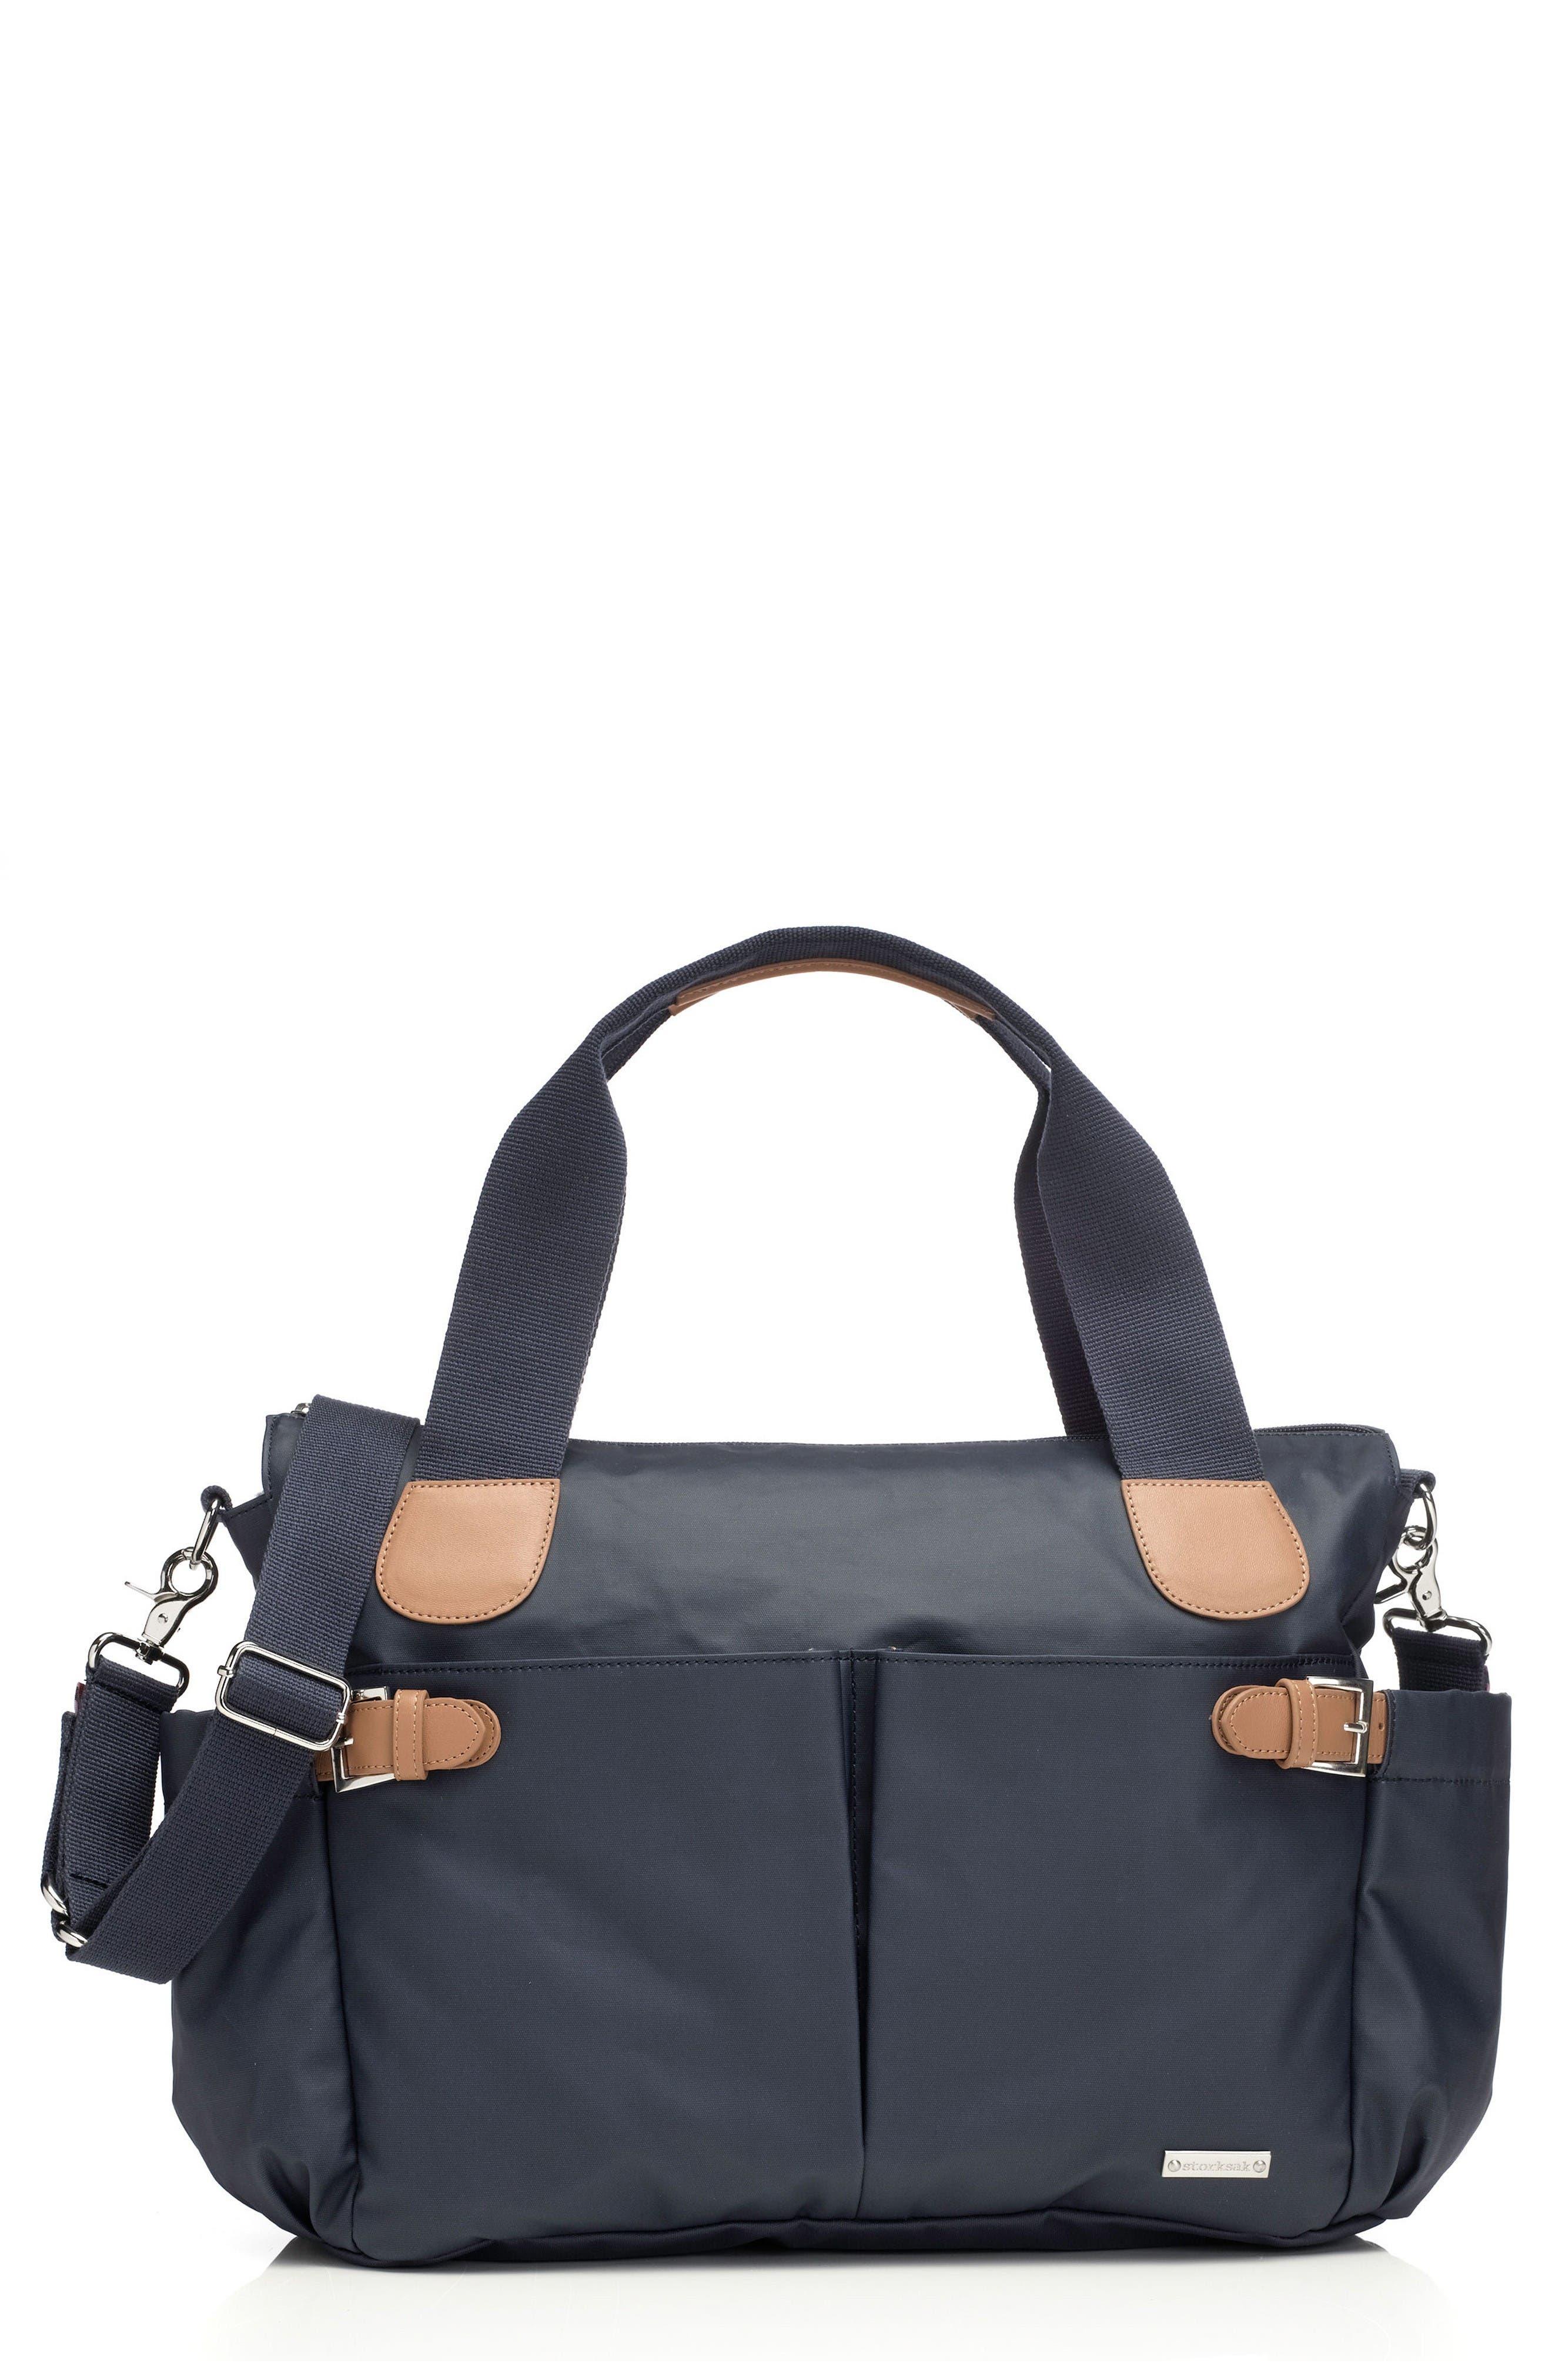 Alternate Image 1 Selected - Storksak 'Kay' Diaper Bag